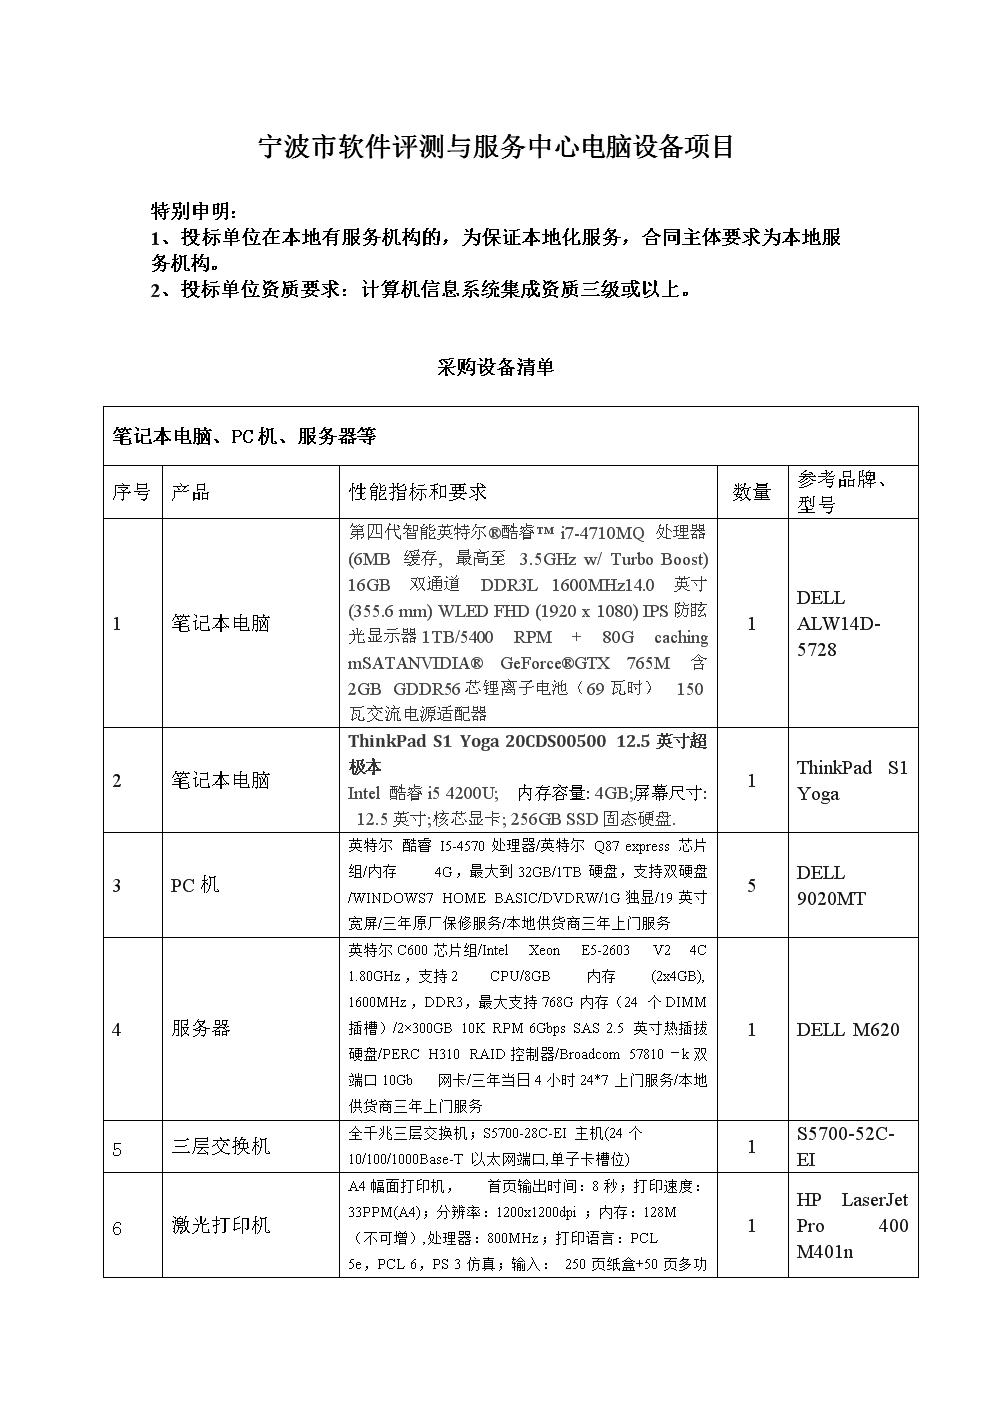 宁波市软件评测与服务中心电脑设备项目.doc